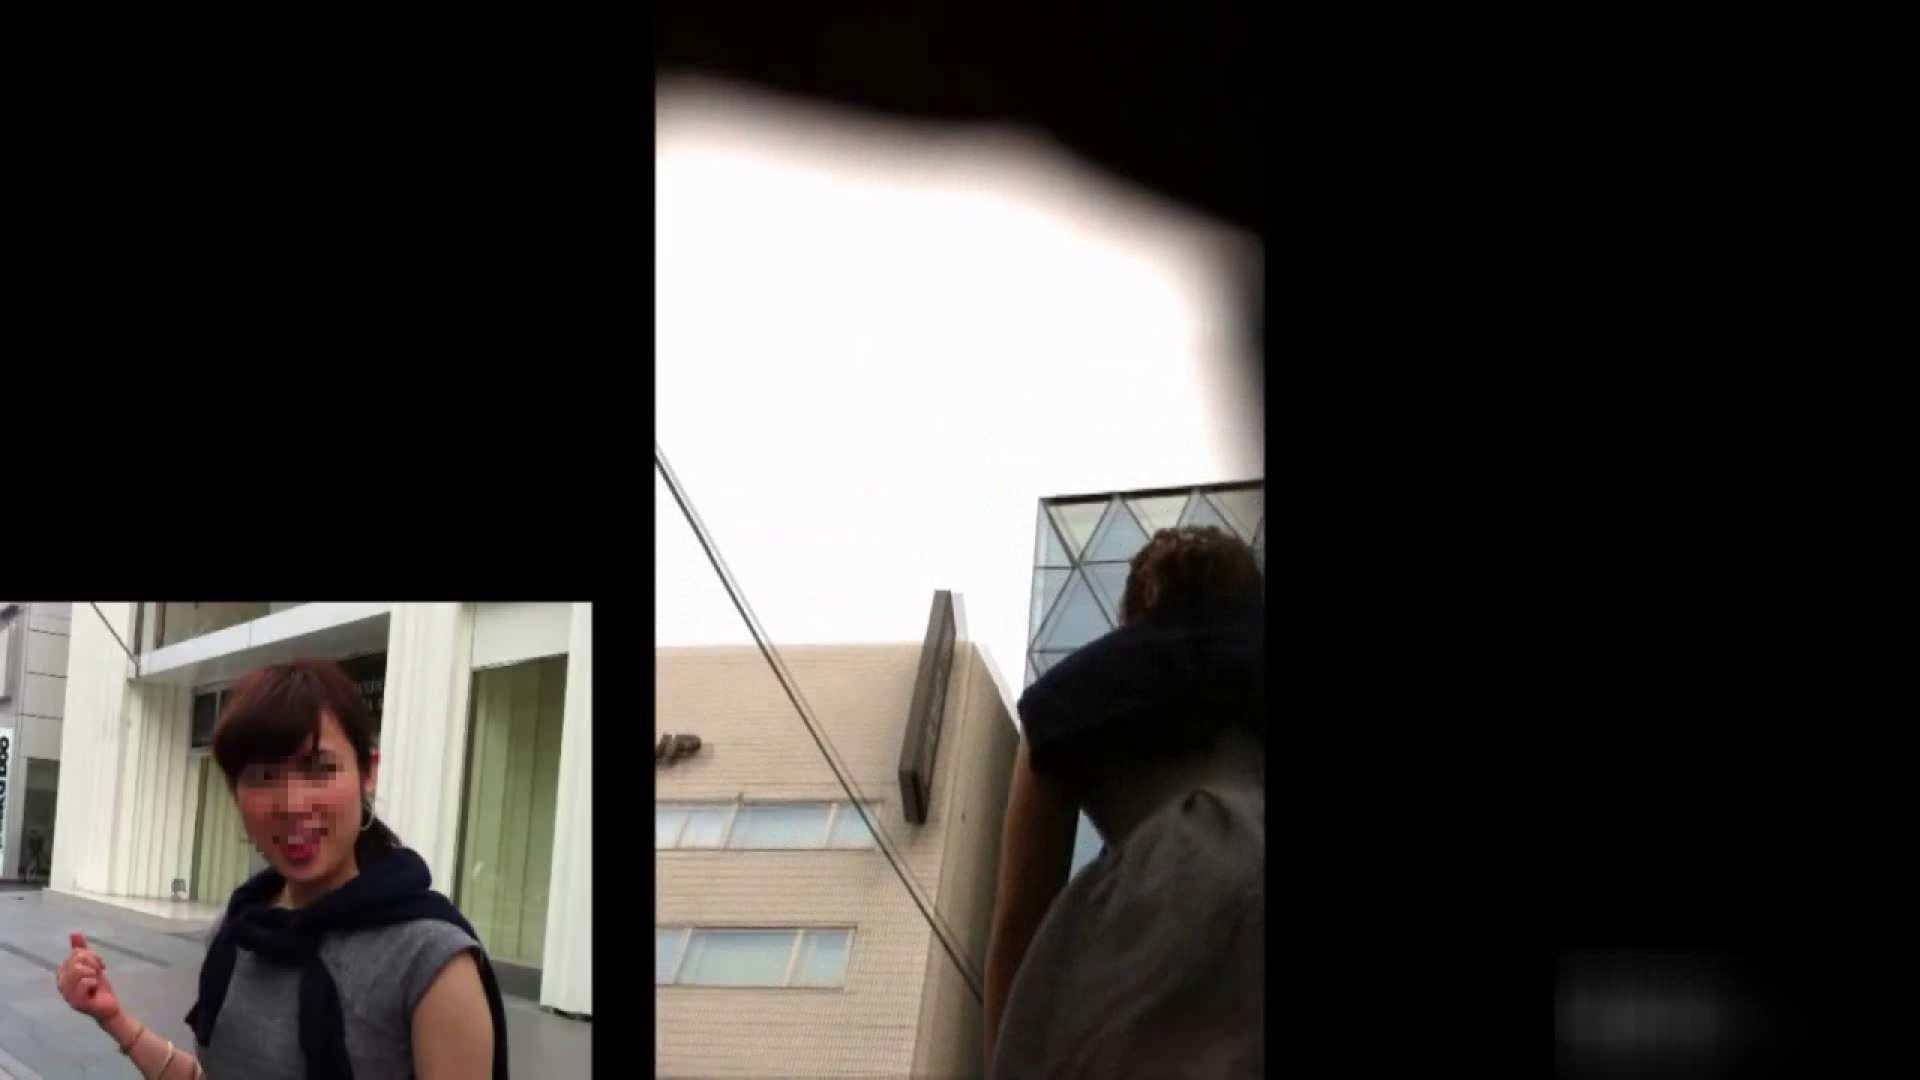 ガールズパンチラストリートビューVol.006 チラ 盗撮AV動画キャプチャ 92PICs 11